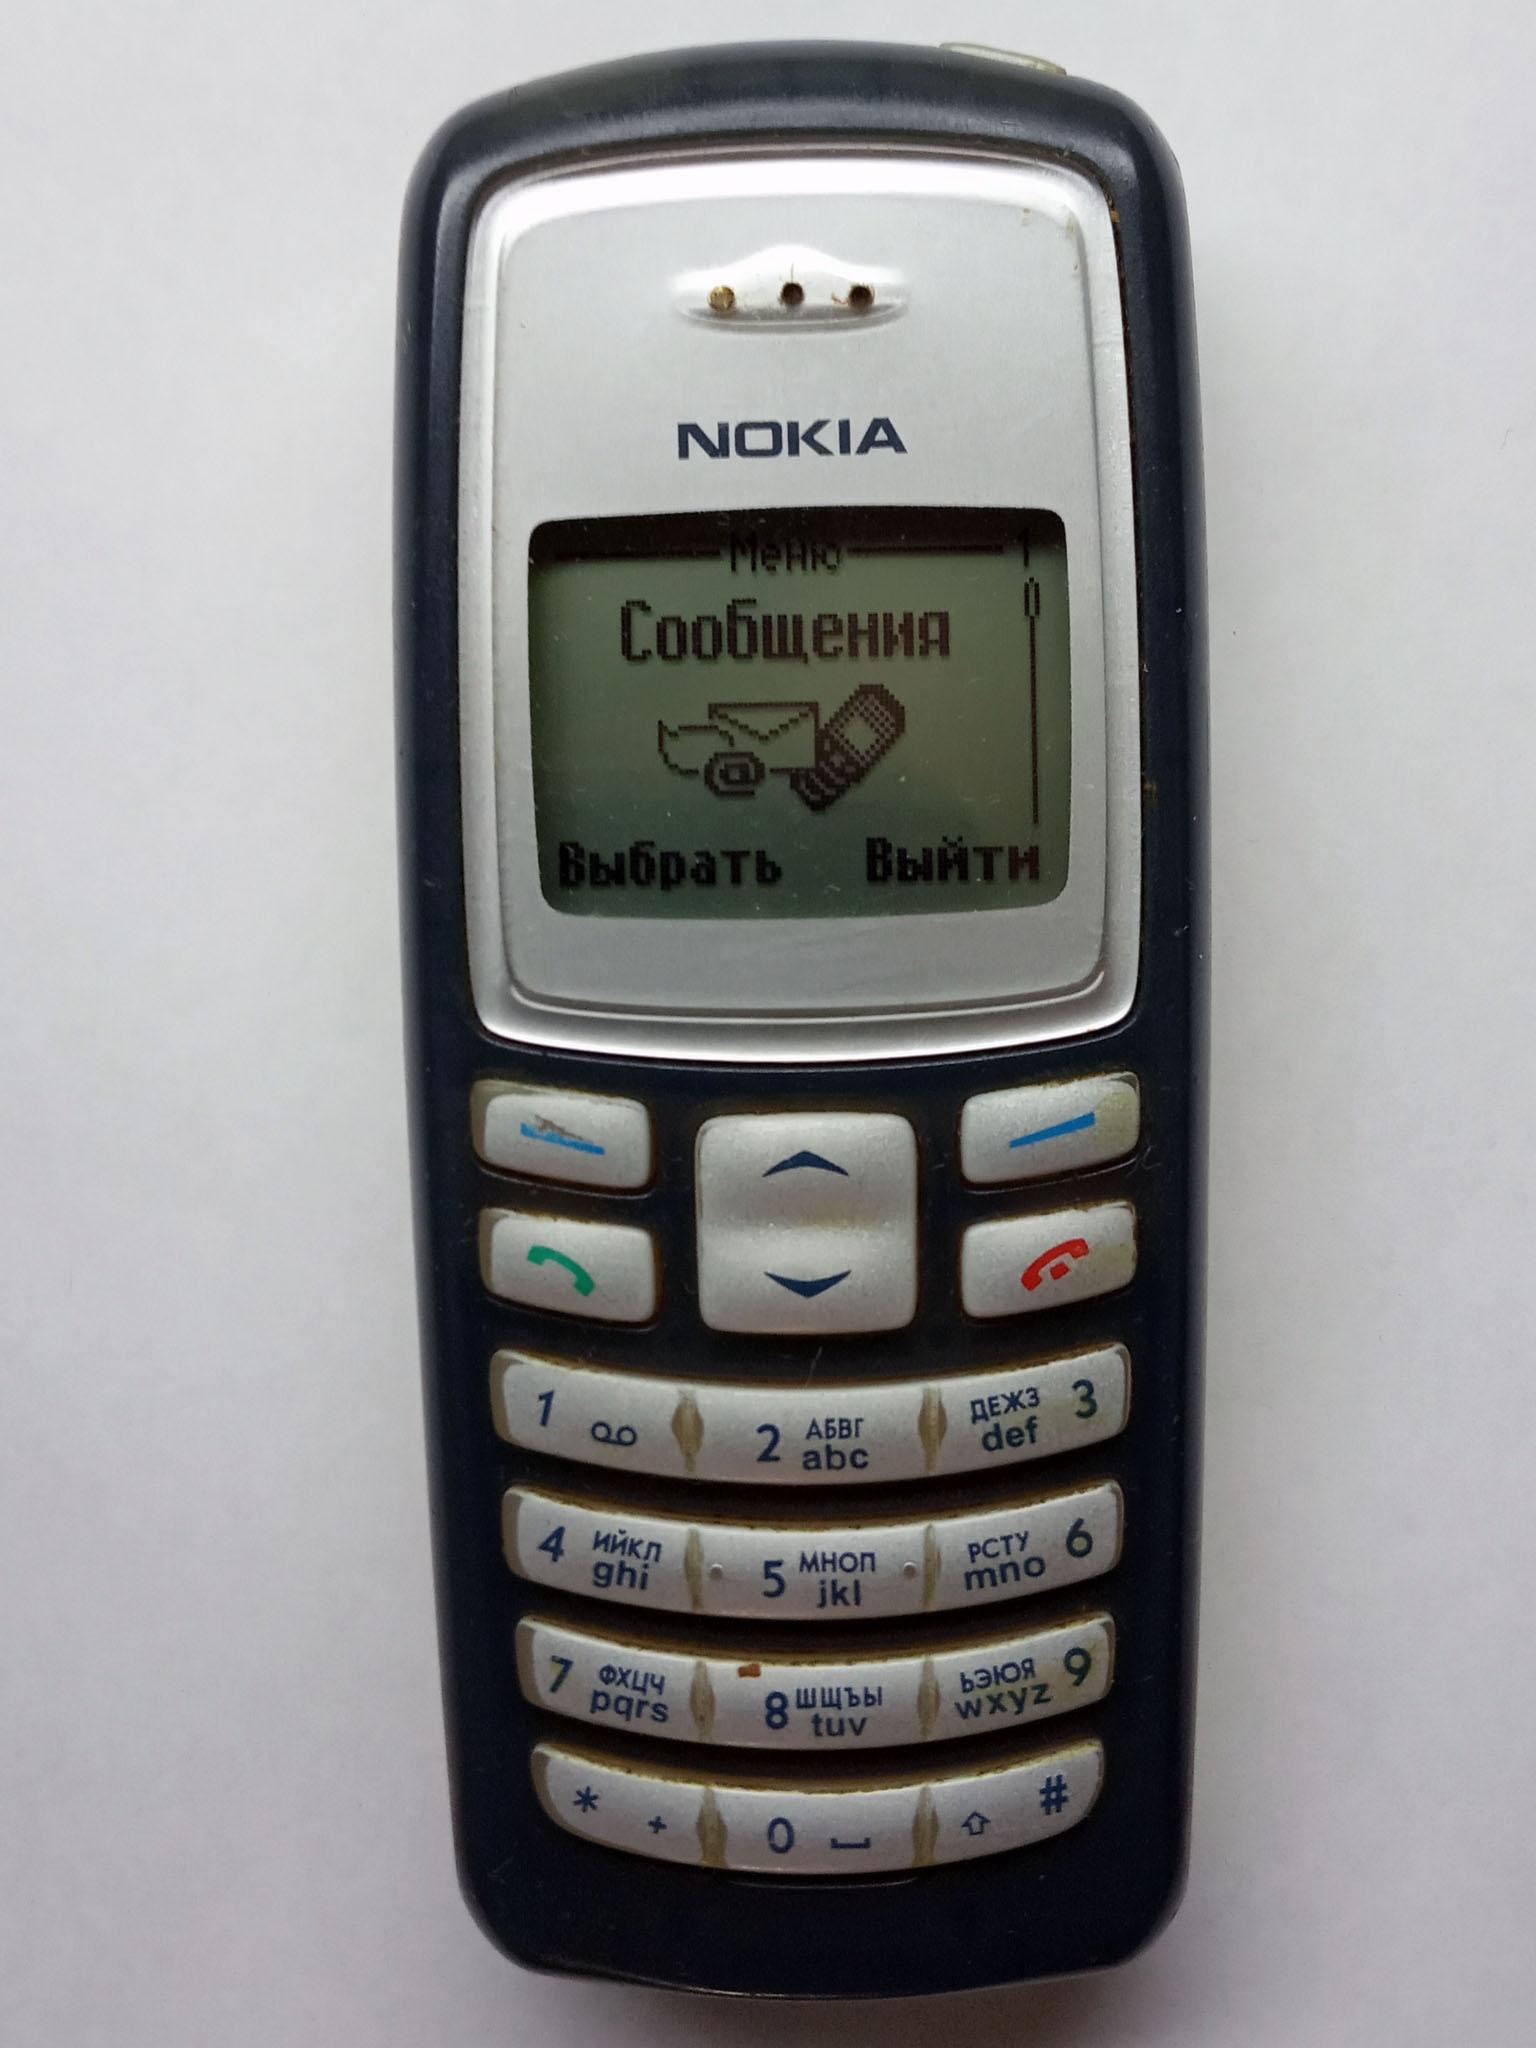 меню Nokia 2100